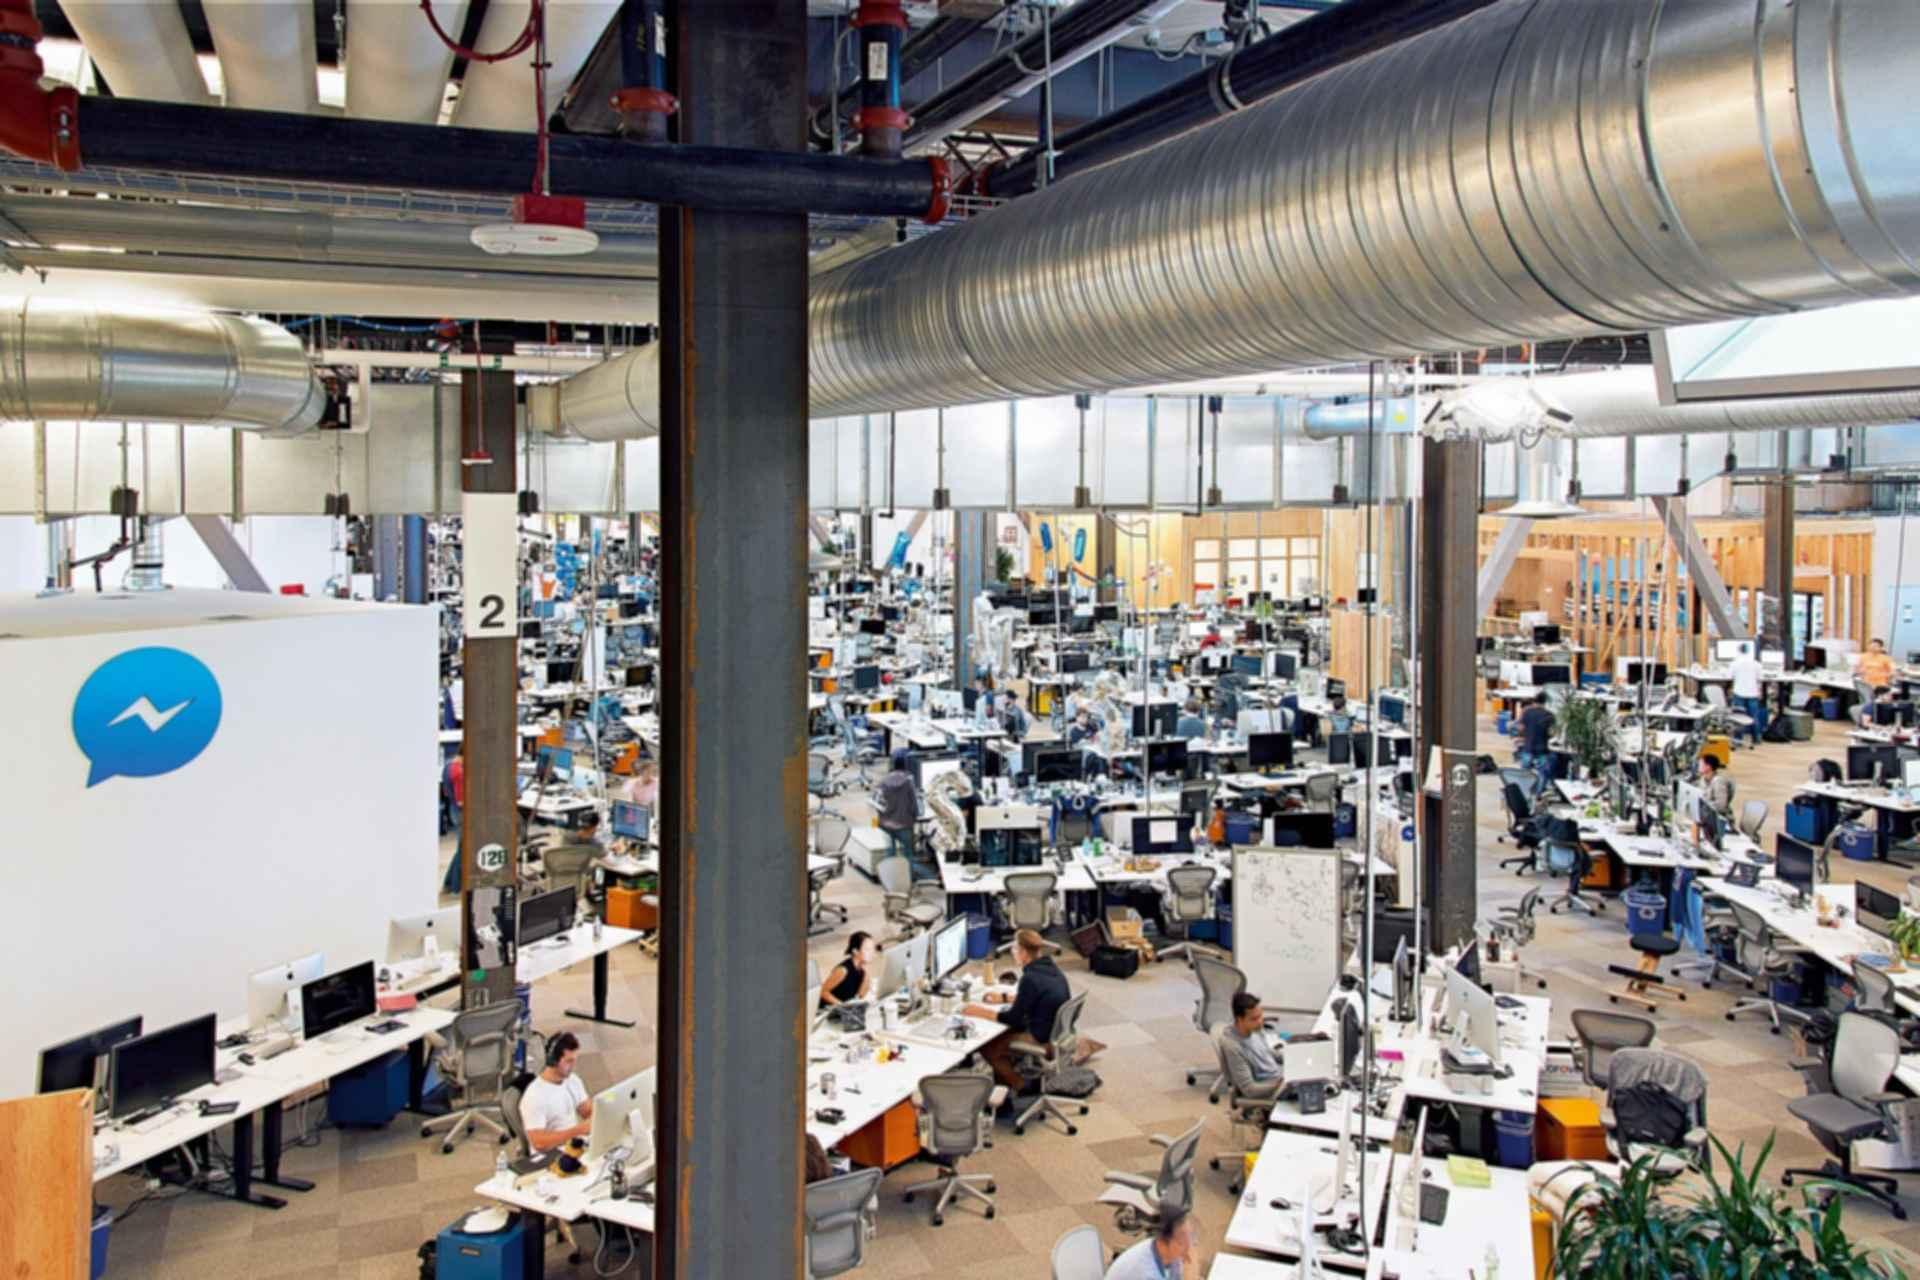 Facebook Headquarters - Interior